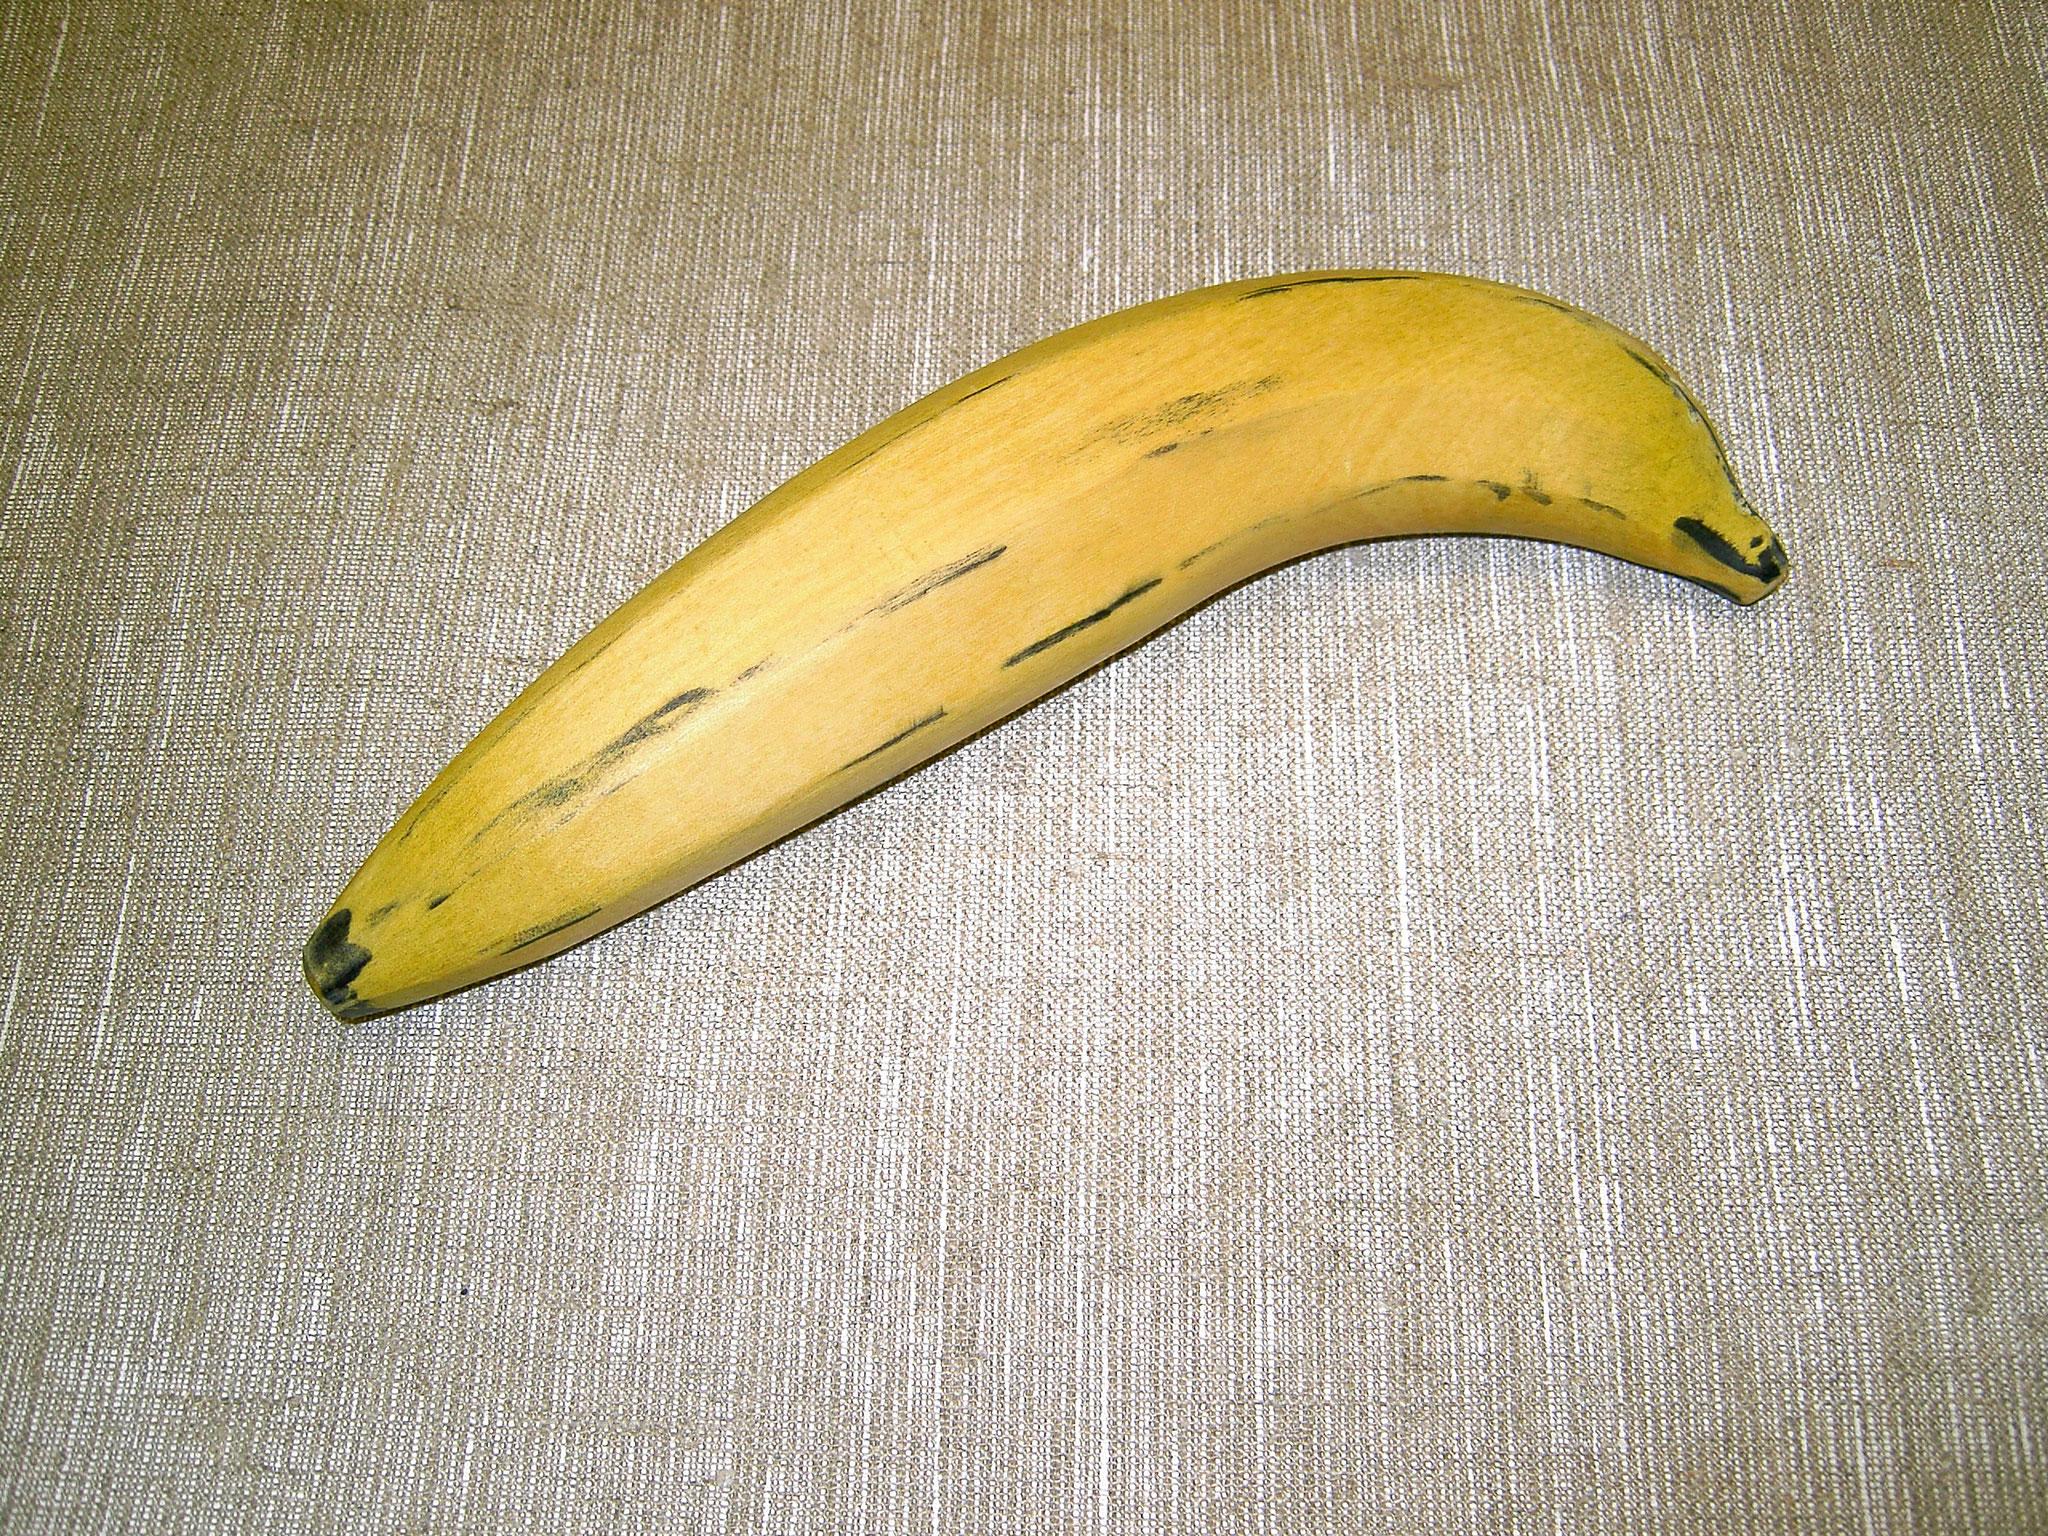 Banane aus Amarello mit Bandsäge und Schleifteller bearbeitet